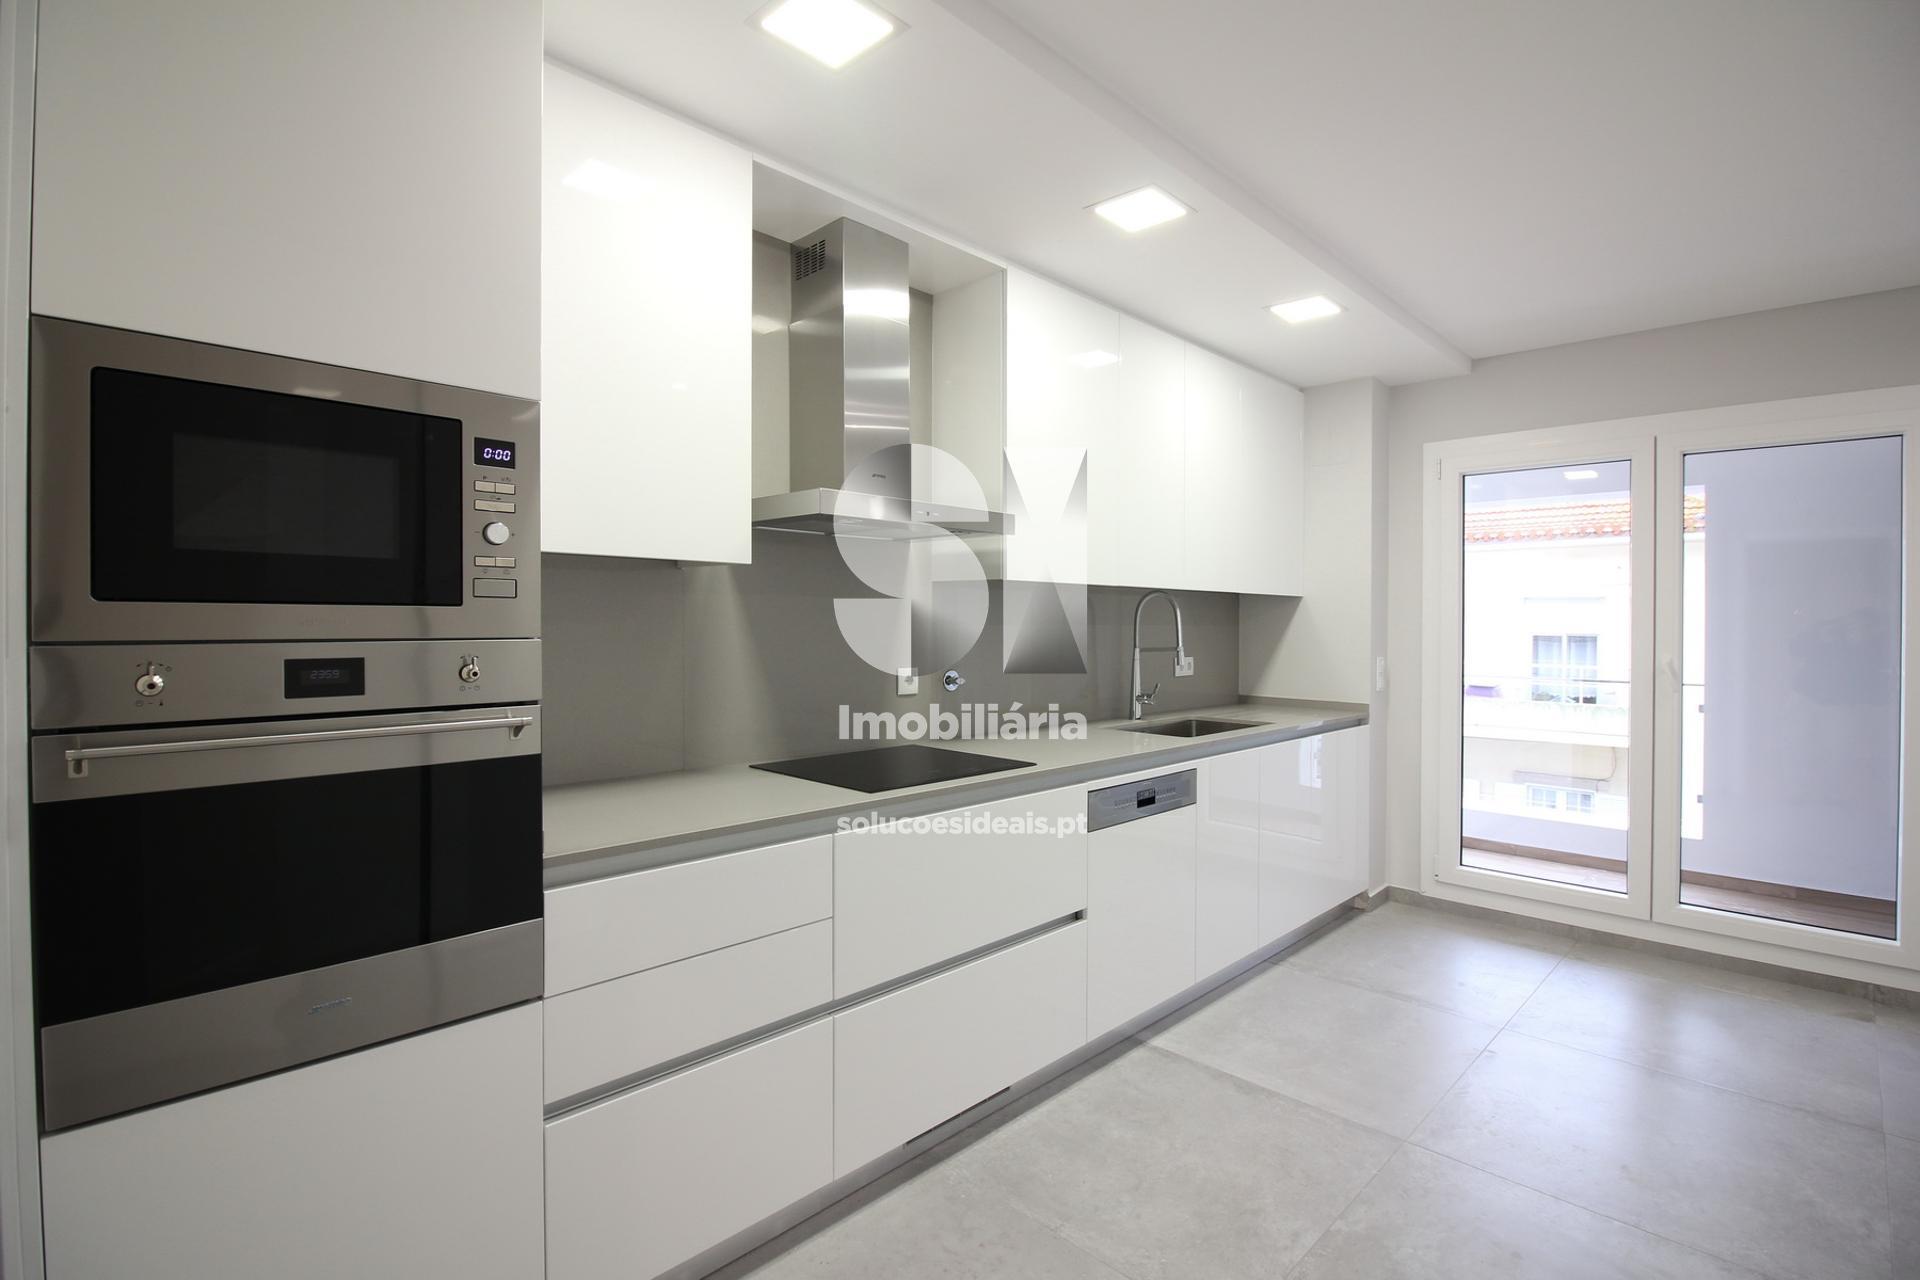 apartamento t2 para compra em oeiras uniao das freguesias de carnaxide e queijas LVASL106_1